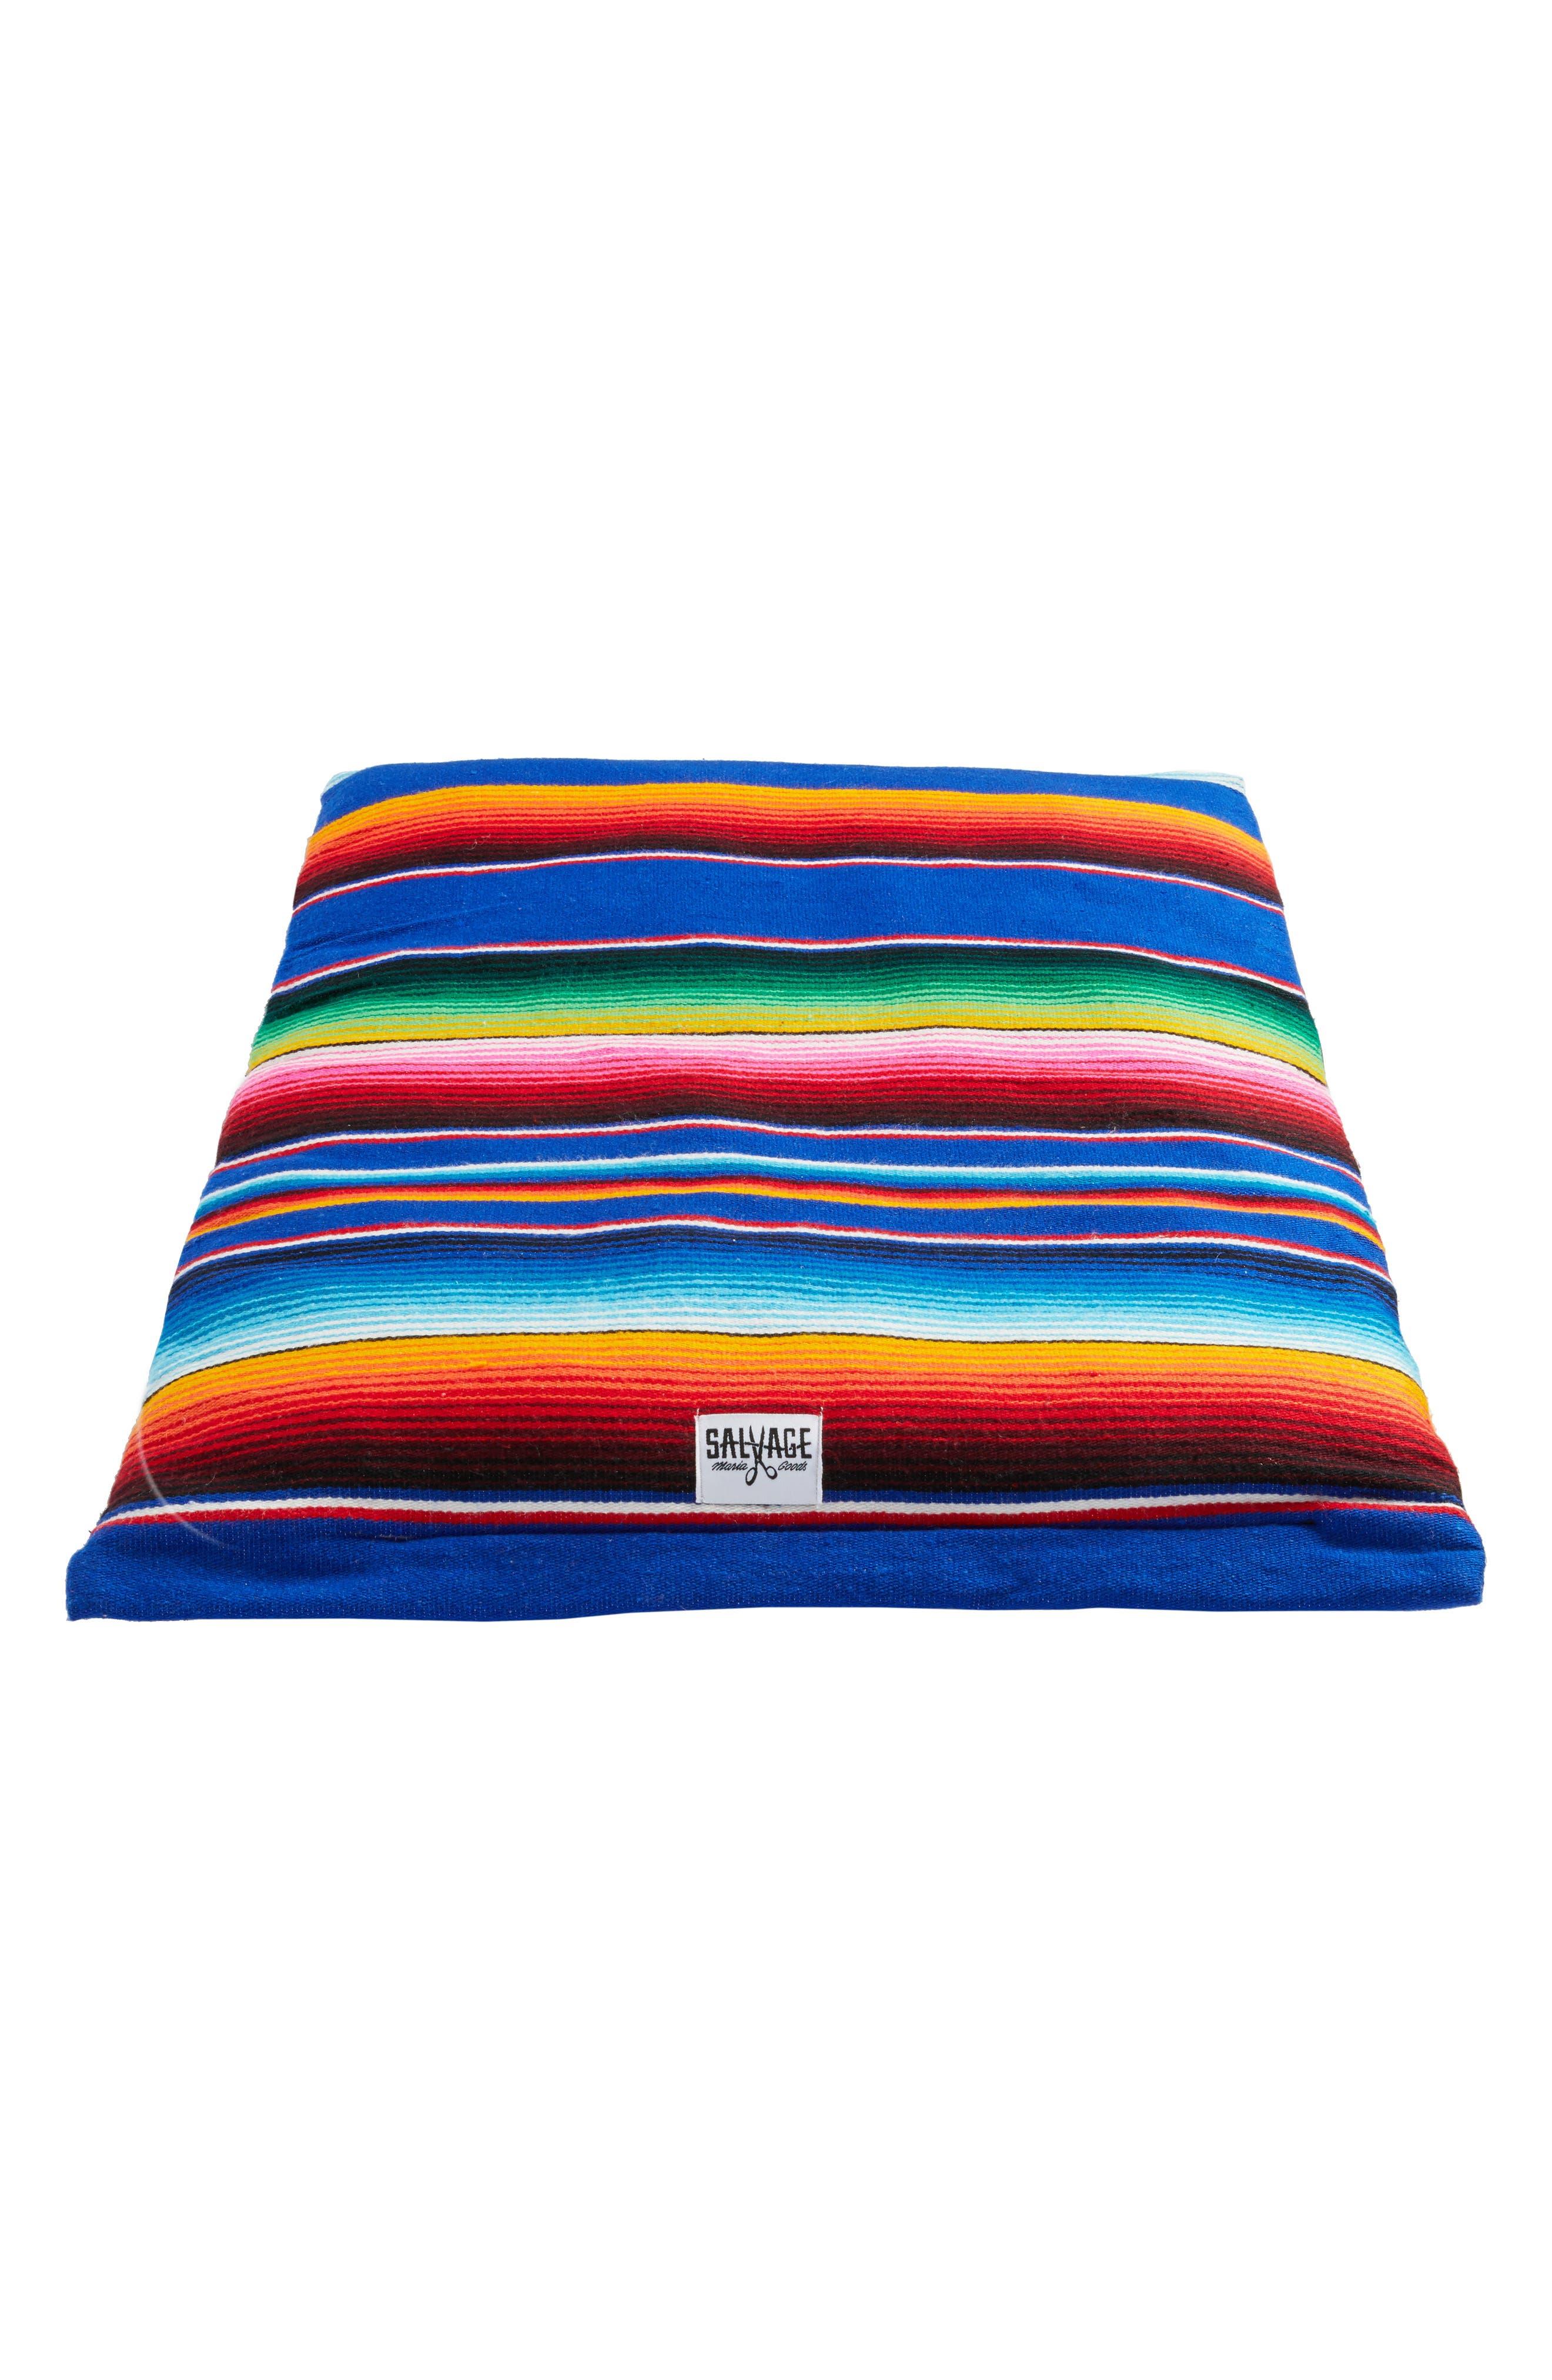 Saltillo Serape Roll-Up Dog Bed,                             Main thumbnail 1, color,